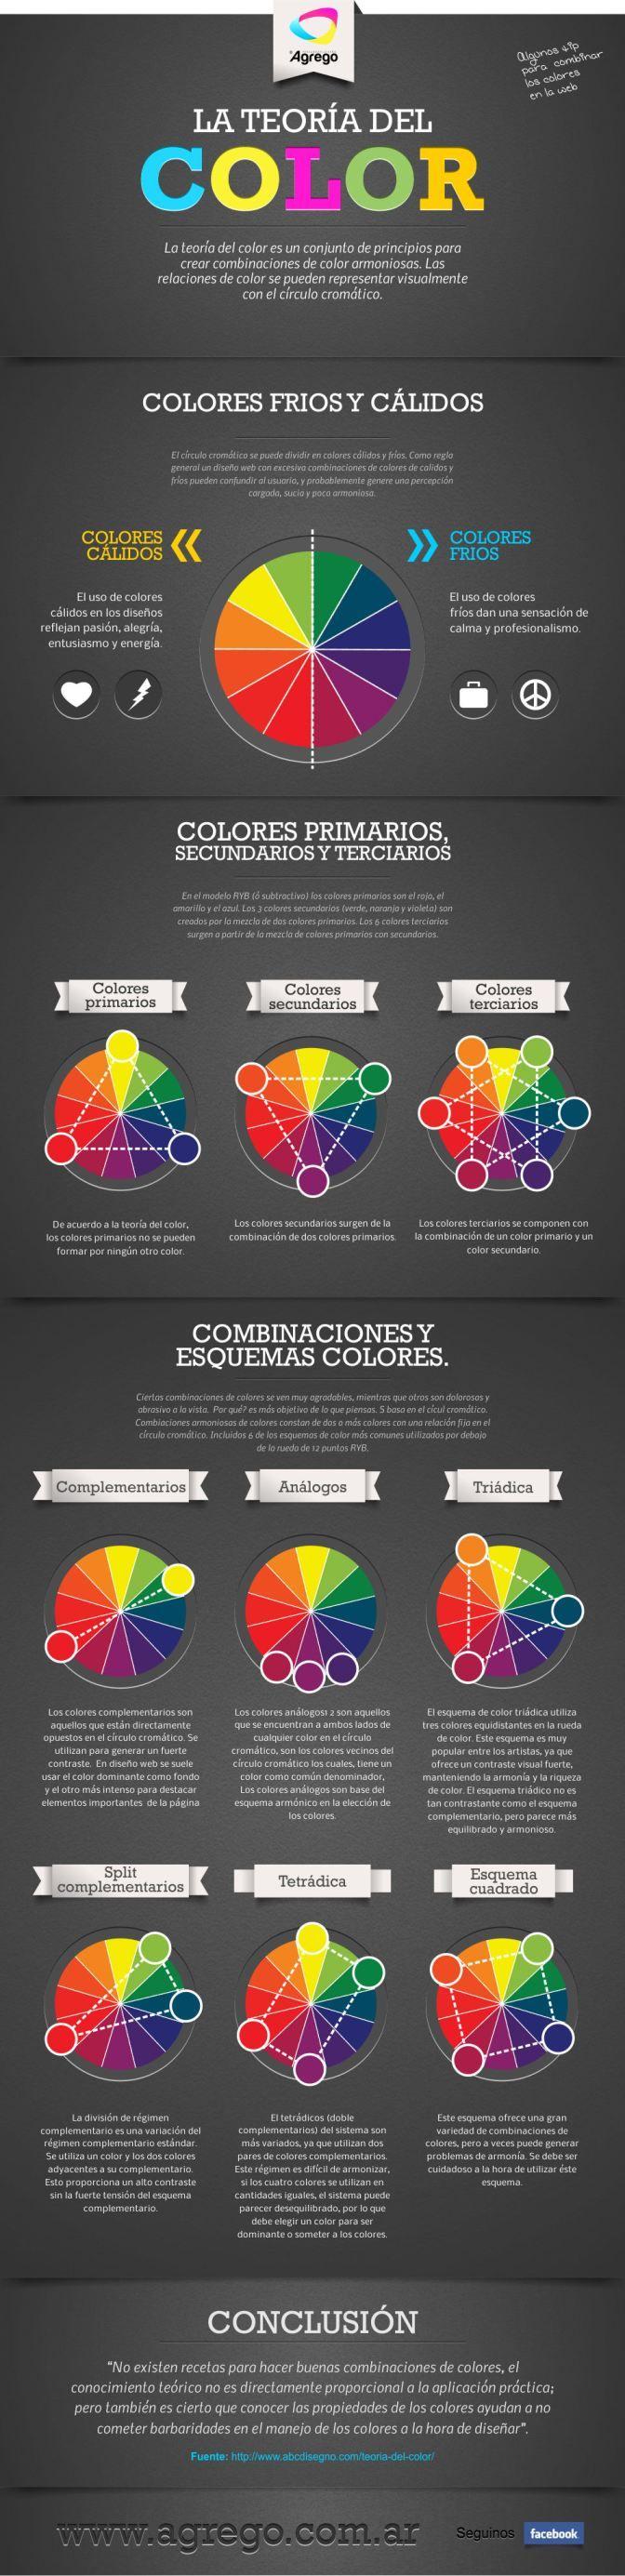 Cómo funciona el color. En la infografía podemos verificar qué aspectos determinan la teoría del color, tipos, combinaciones...etc. #color